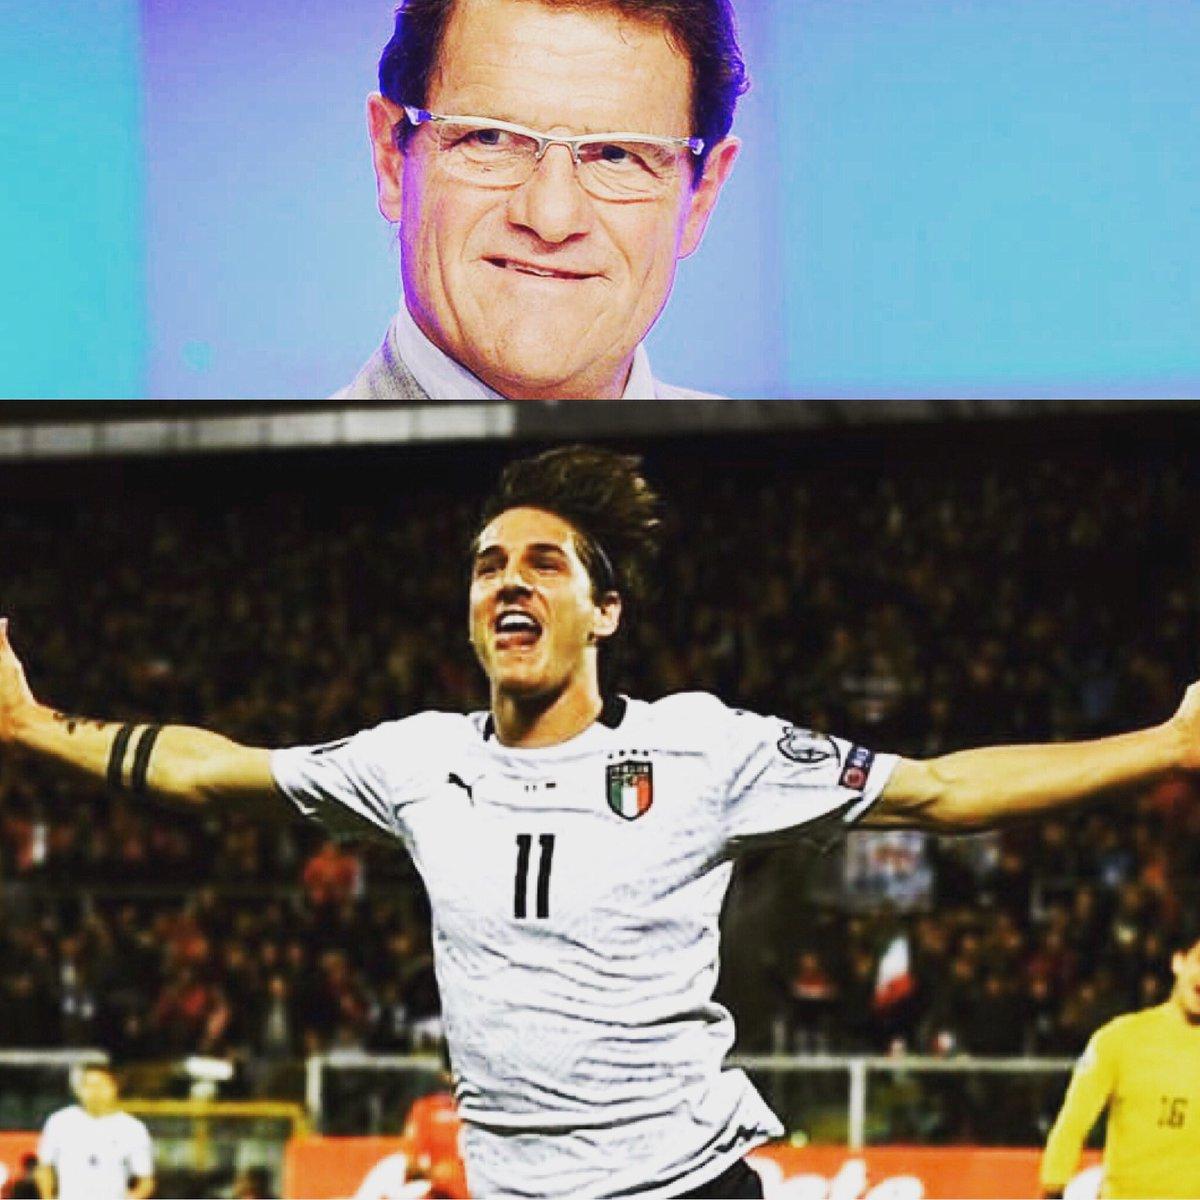 #ItaliaArmenia